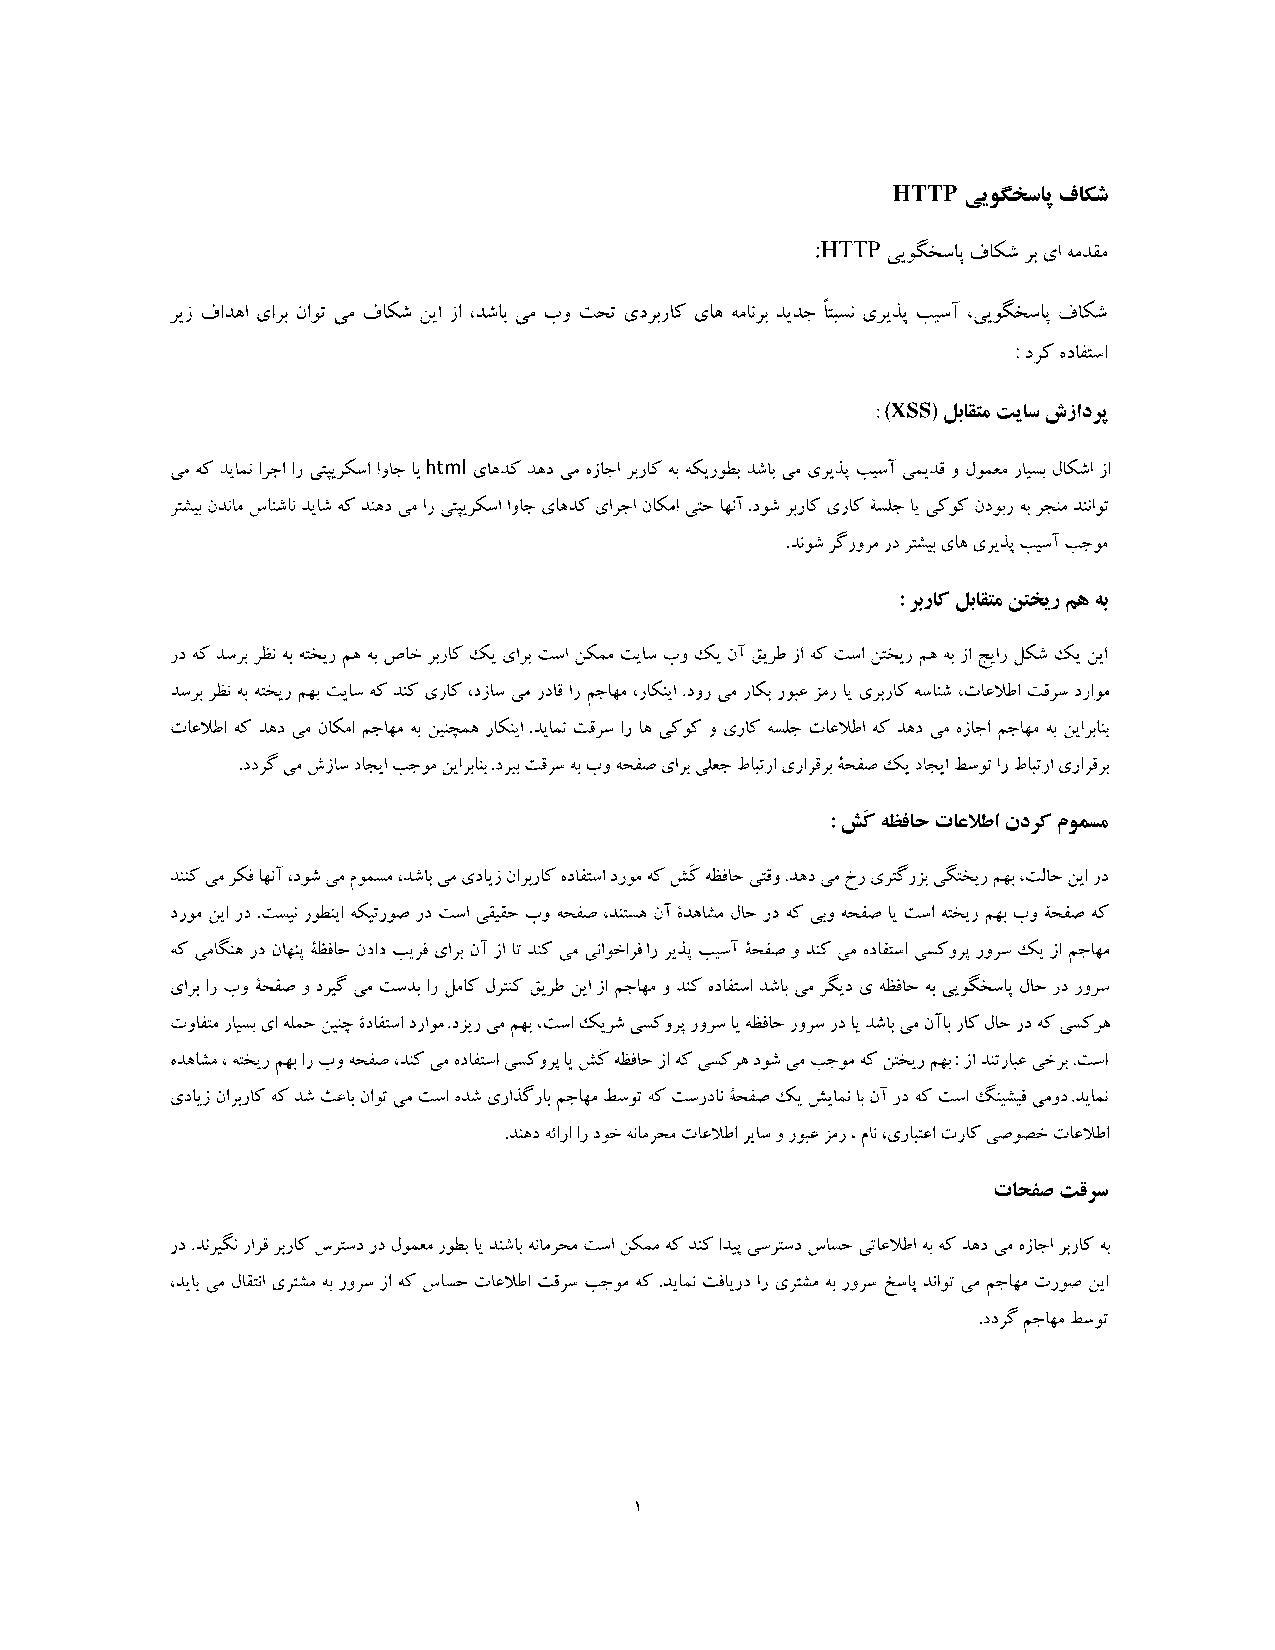 ترجمه مقاله و تحقیق - شکاف پاسخگویی HTTP 8